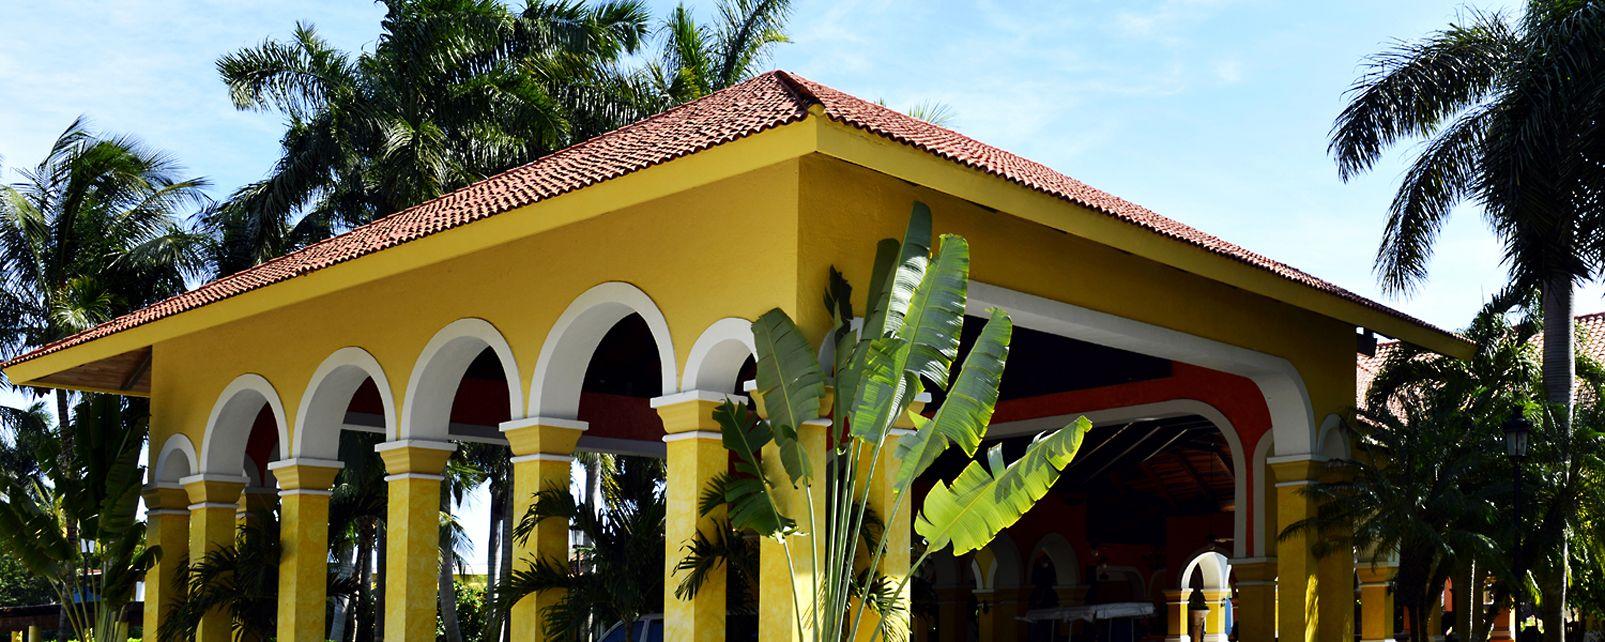 Hôtel Viva Azteca